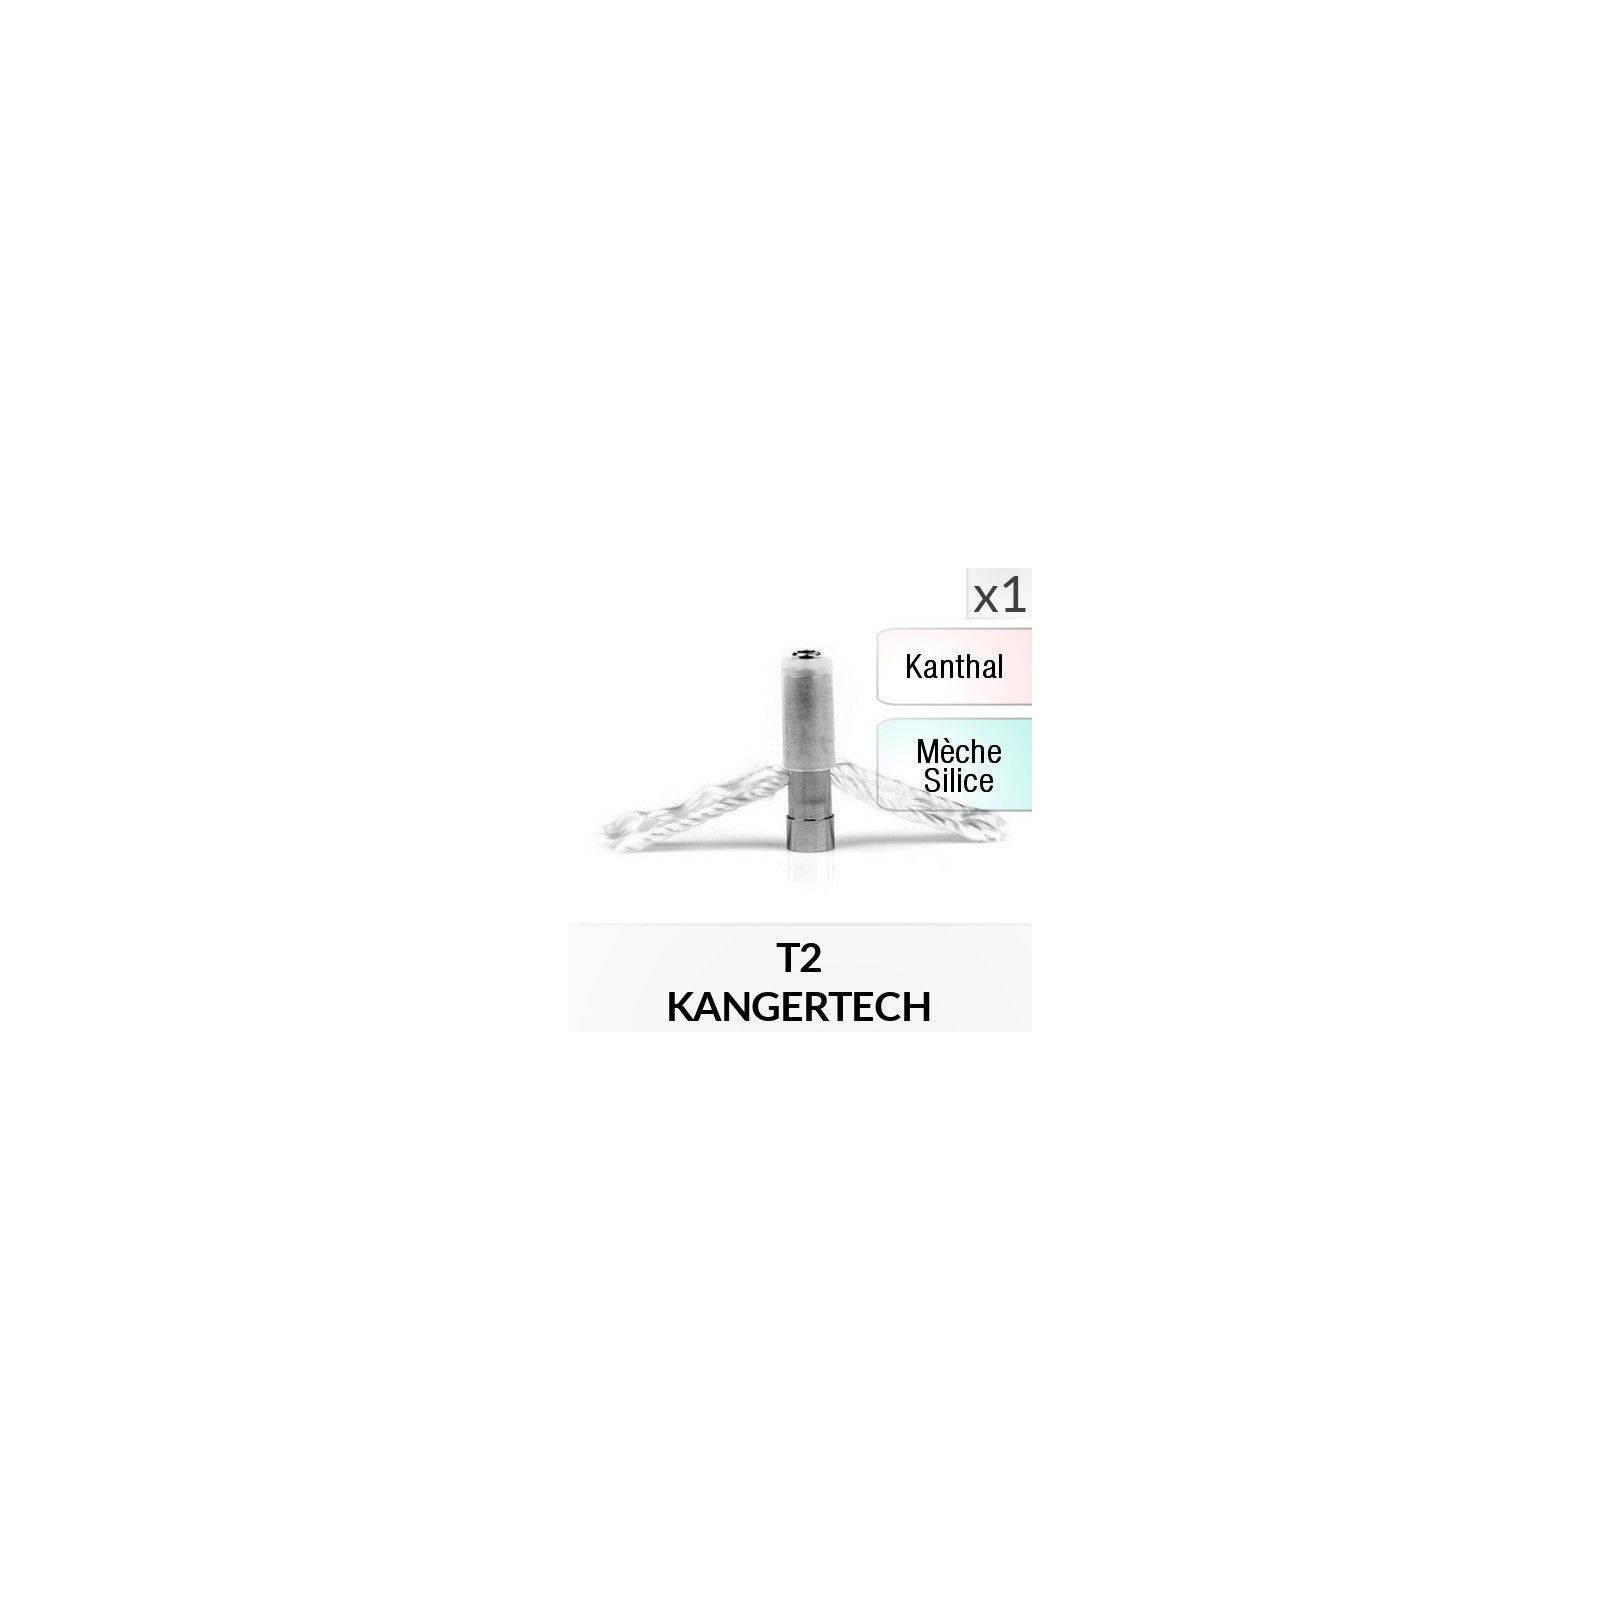 Résistance Kanger T2 - 1 Pièce - KANGERTECH